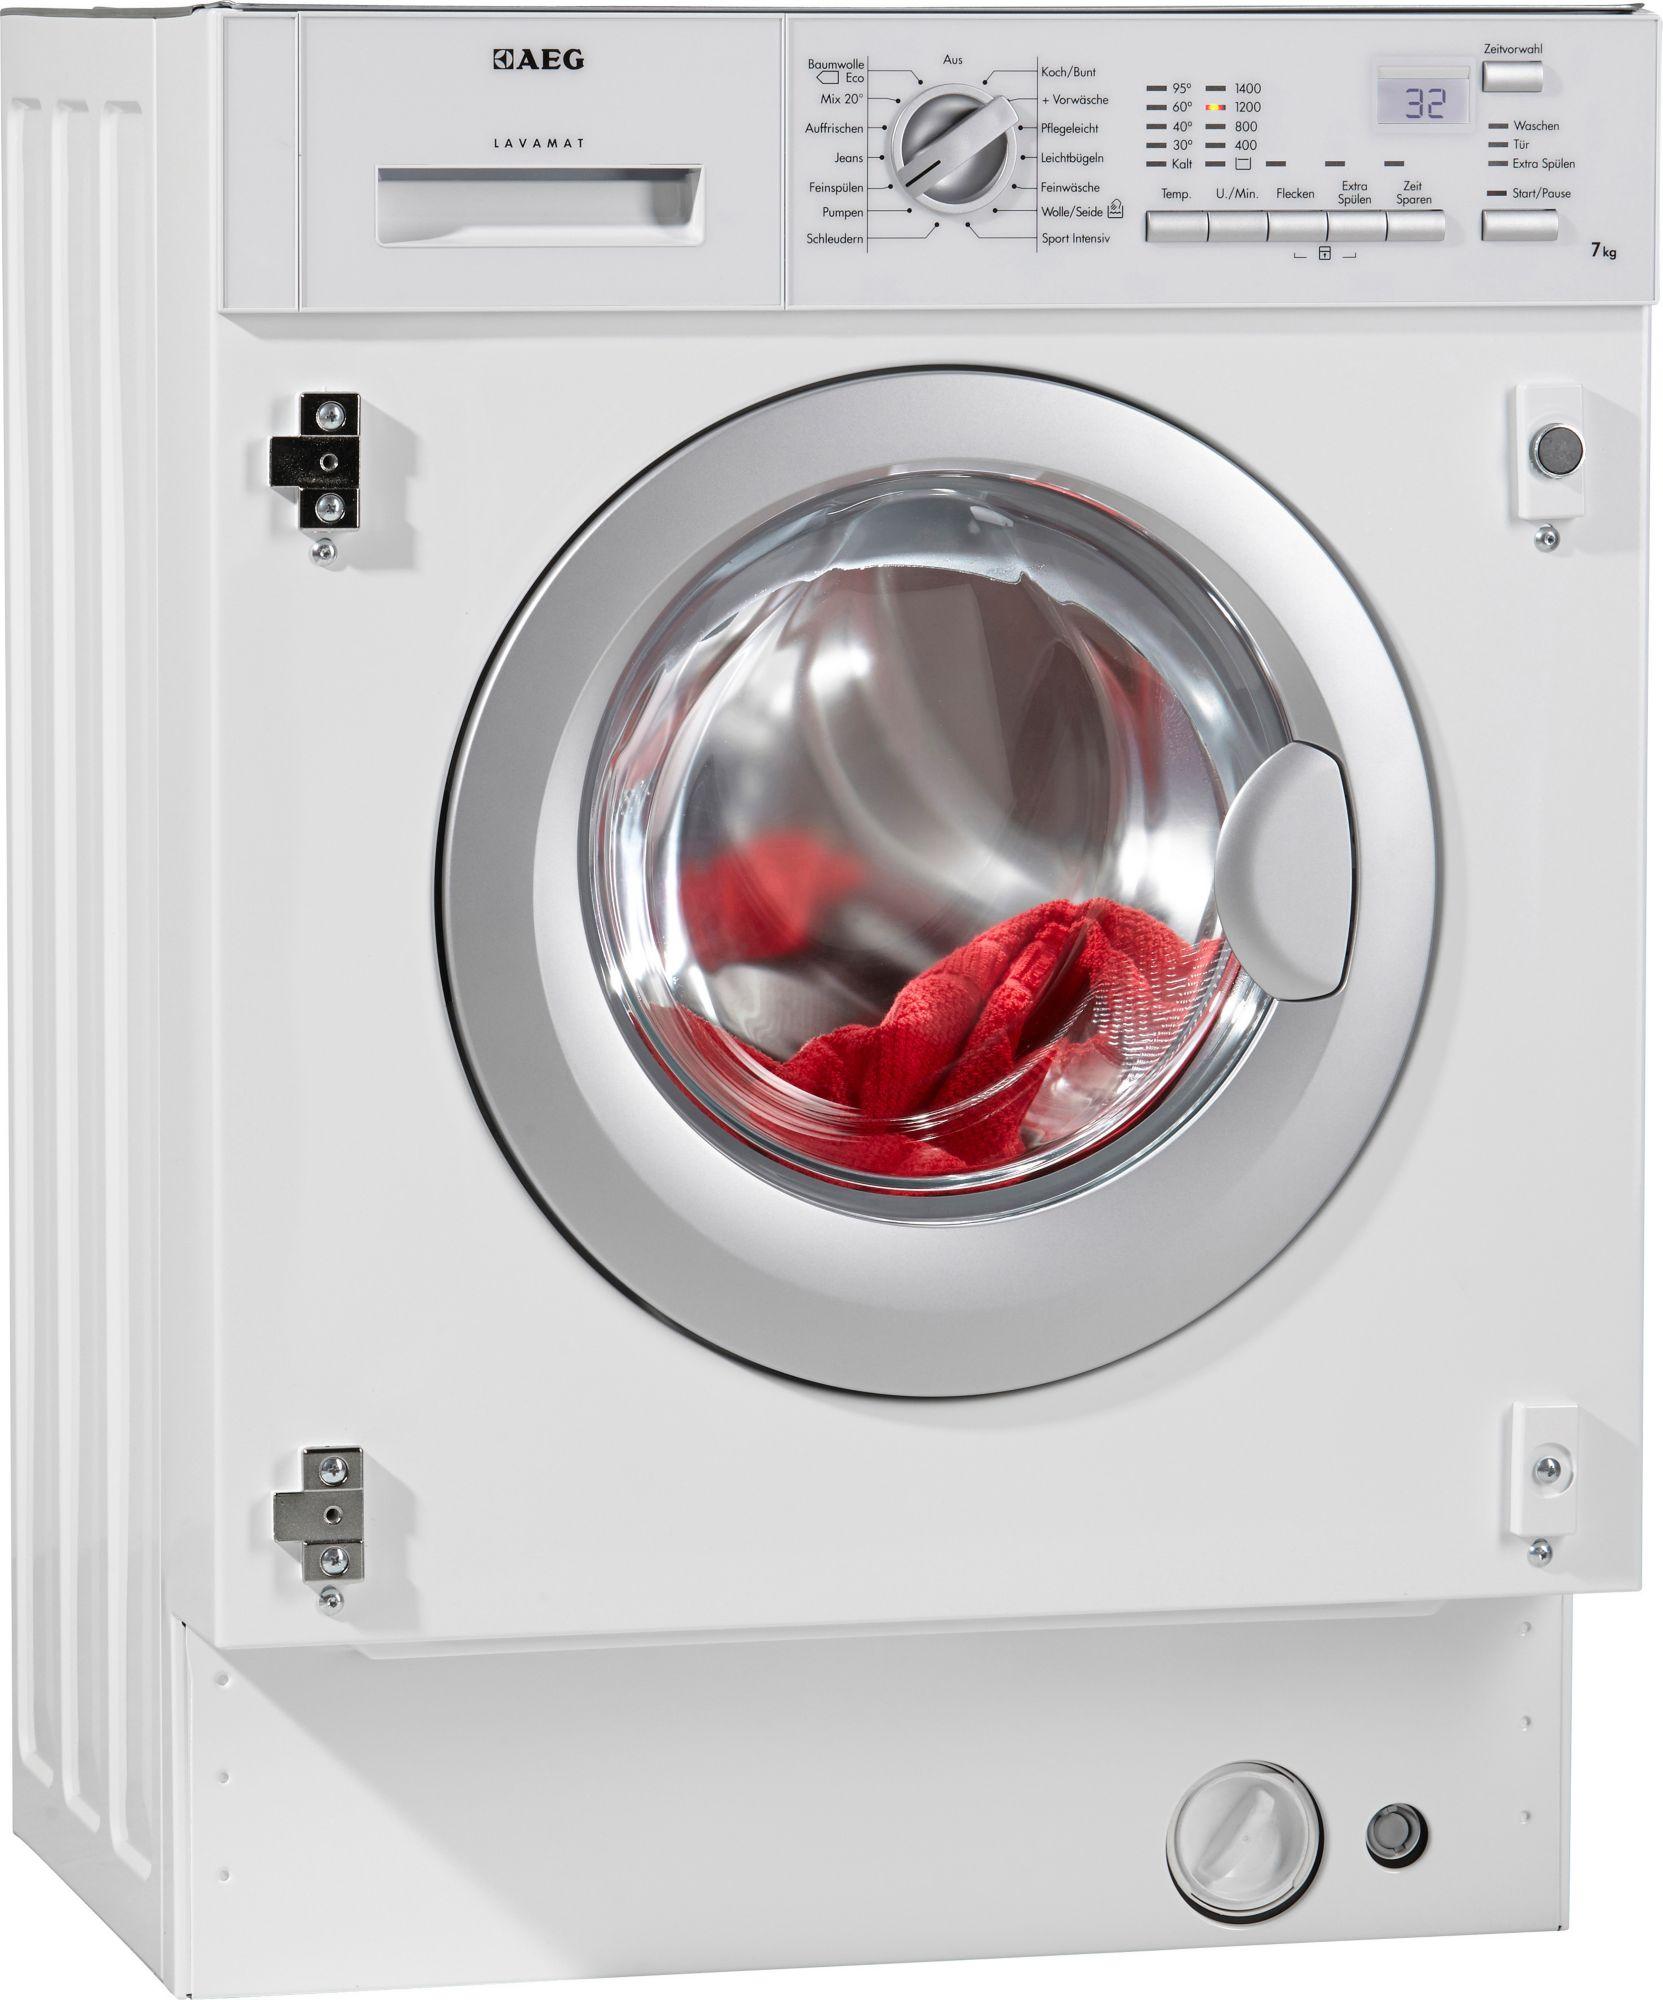 AEG ELECTROLUX AEG L61470BI Weiß Einbau-Waschmaschine, 7kg, A++ (EEK: A++)